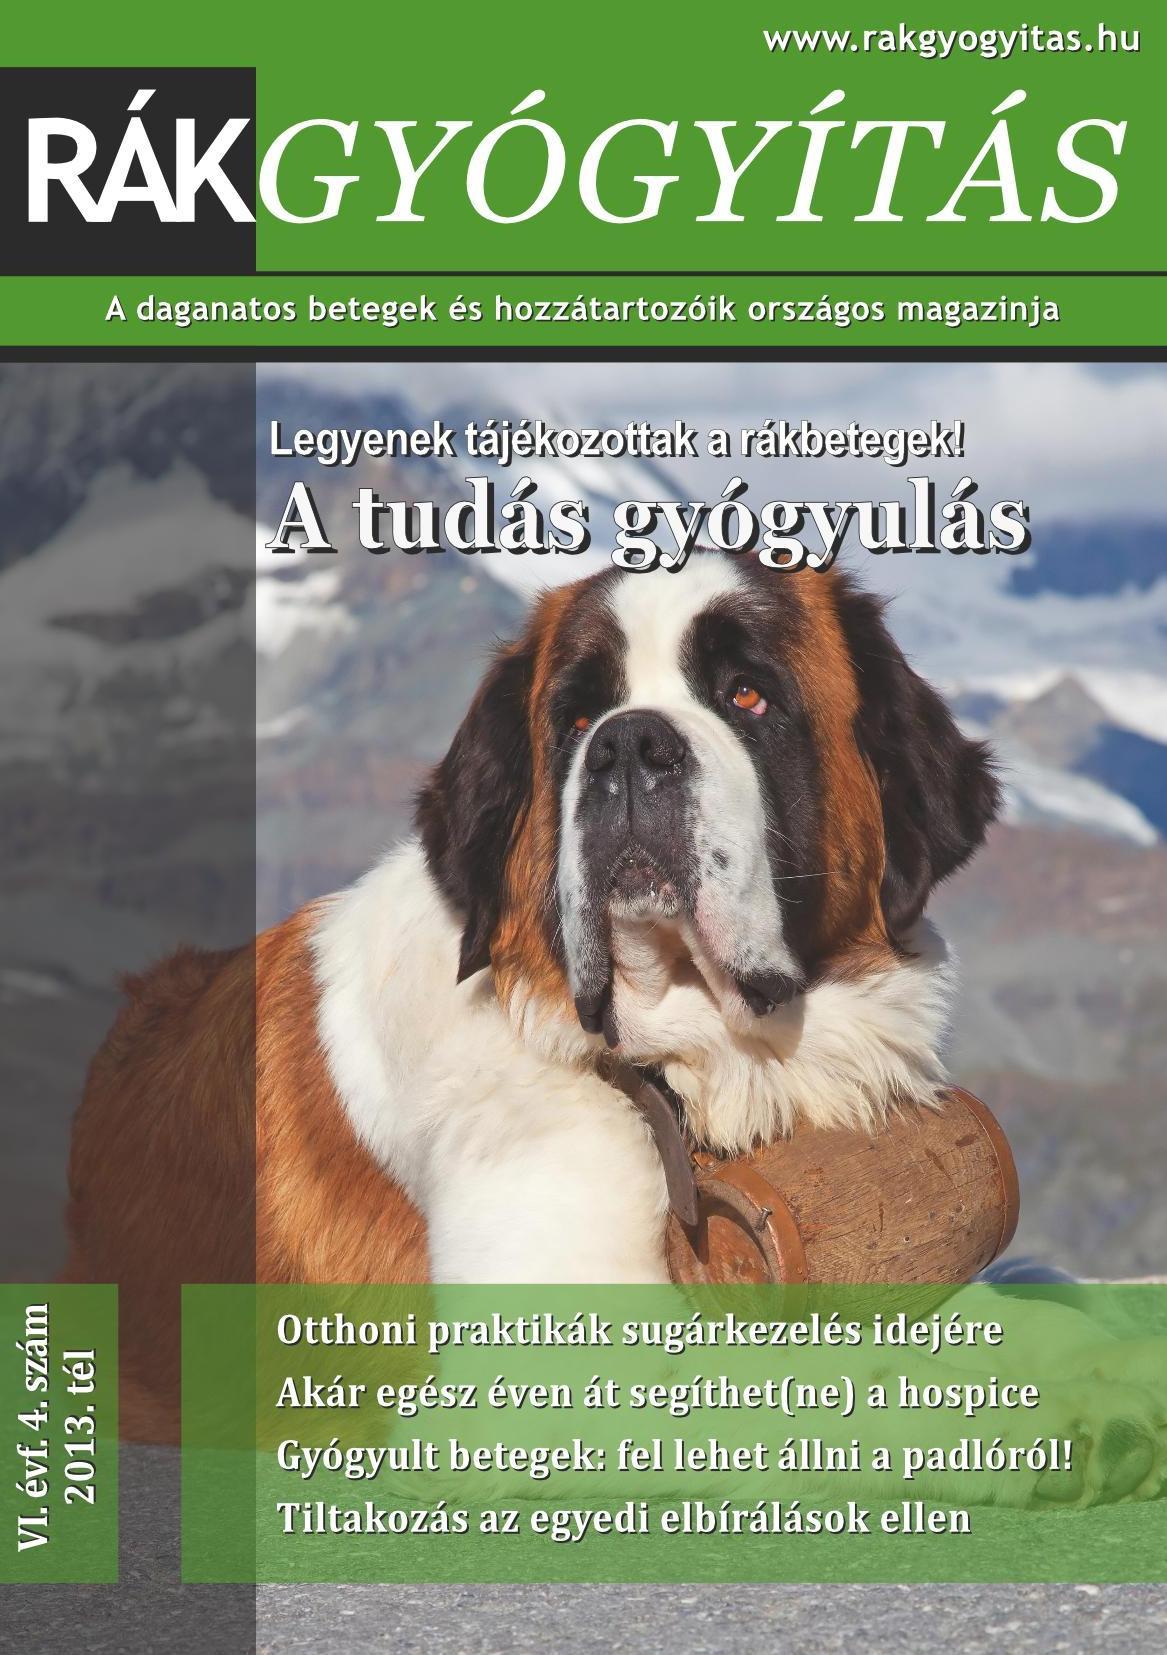 Rákgyógyítás Magazin 2013. tél